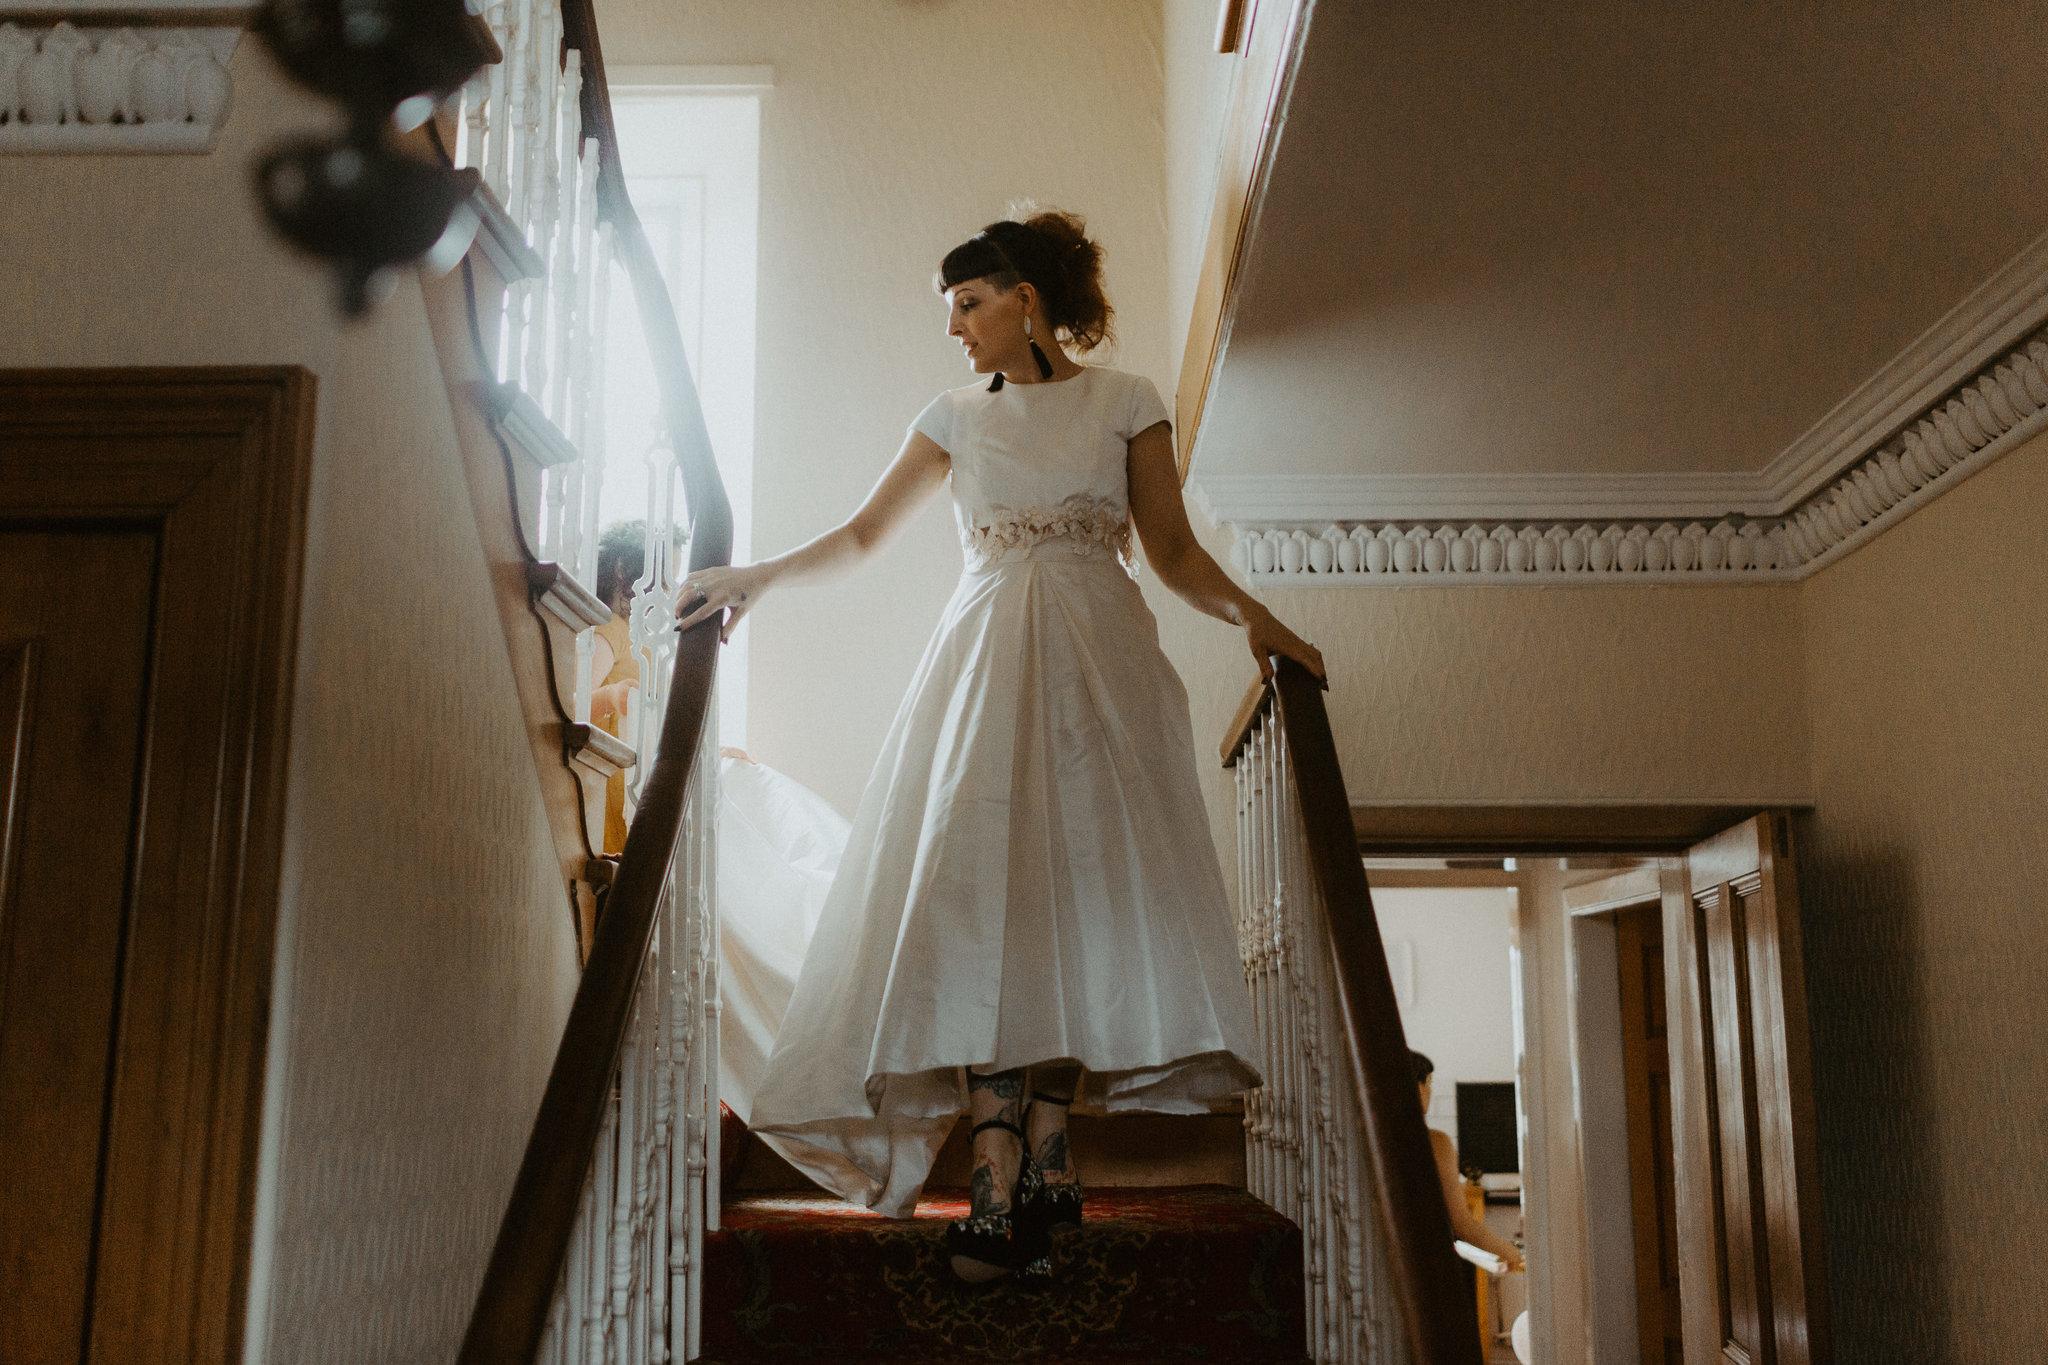 Rowan Joy Bridal